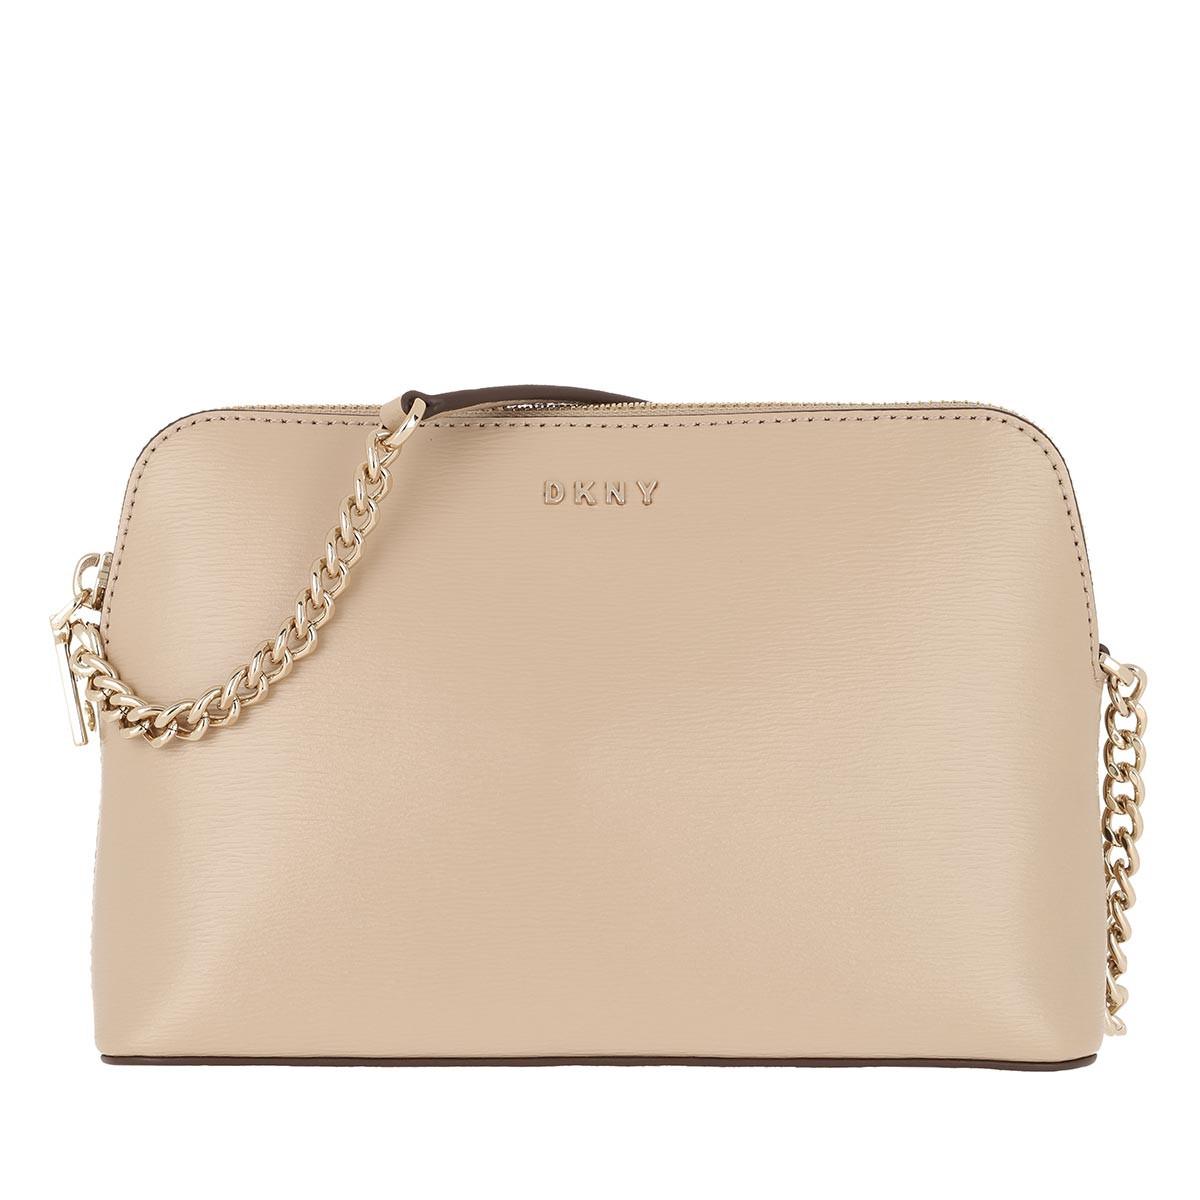 DKNY Umhängetasche - Bryant Dome Crossbody Bag Sand - in beige - für Damen